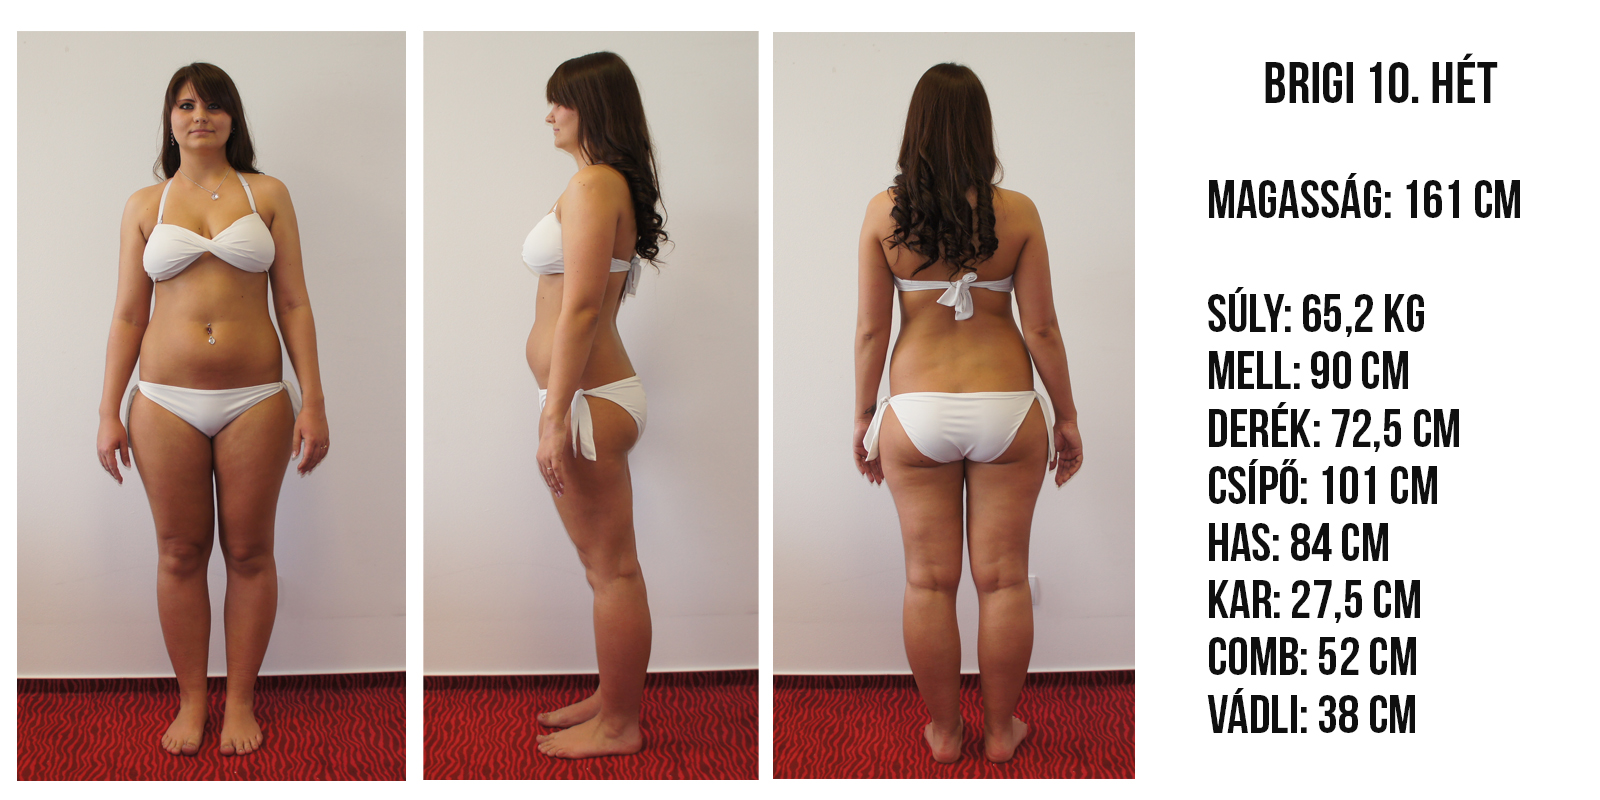 4 hét alatt mínusz 4 kiló - ezt kell tenned az egyszerű fogyáshoz | handelsplus.hu